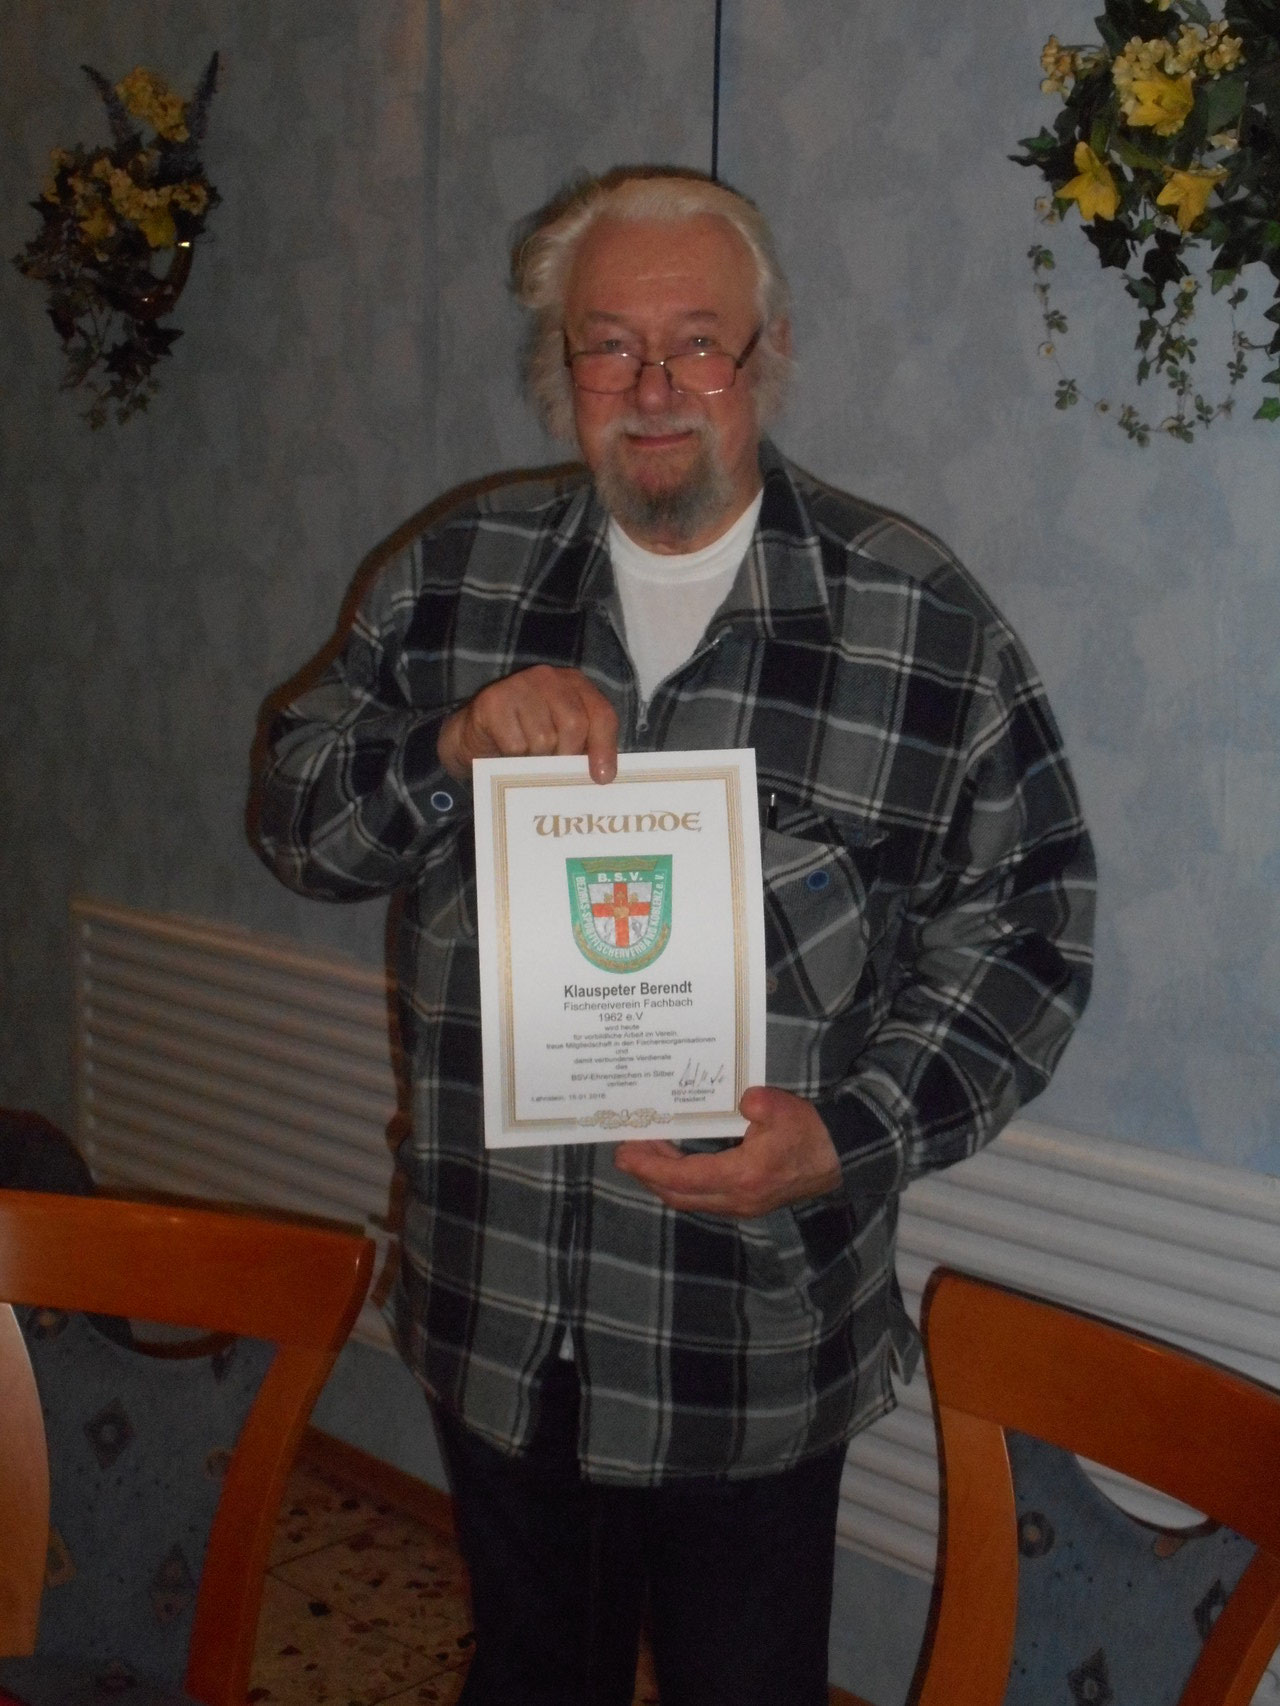 Auszeichnung für Klauspeter Behrendt